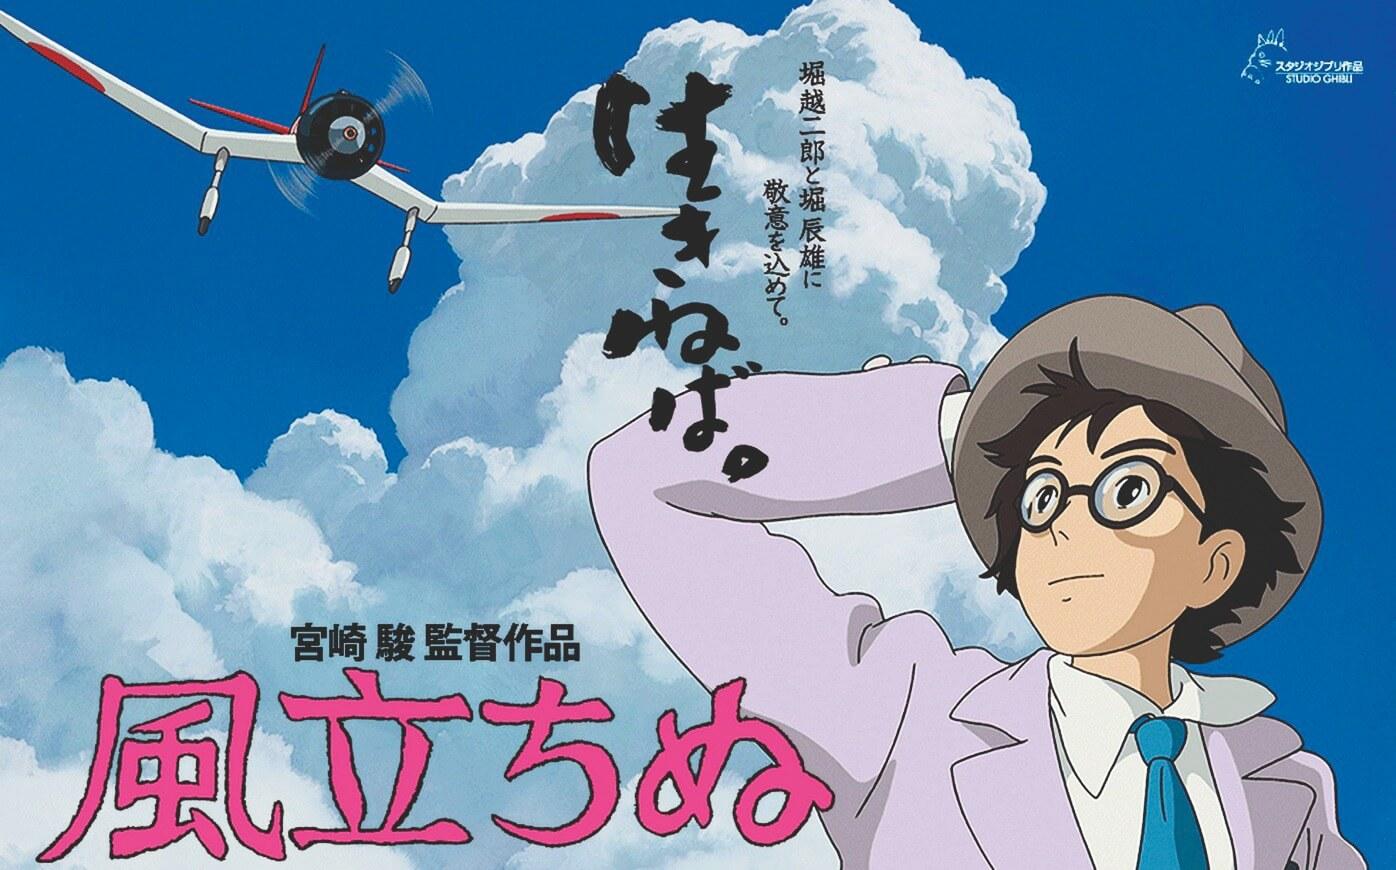 2013年完成《風起了》後宮崎駿曾召開記者會表示引退,數年後即宣布復出